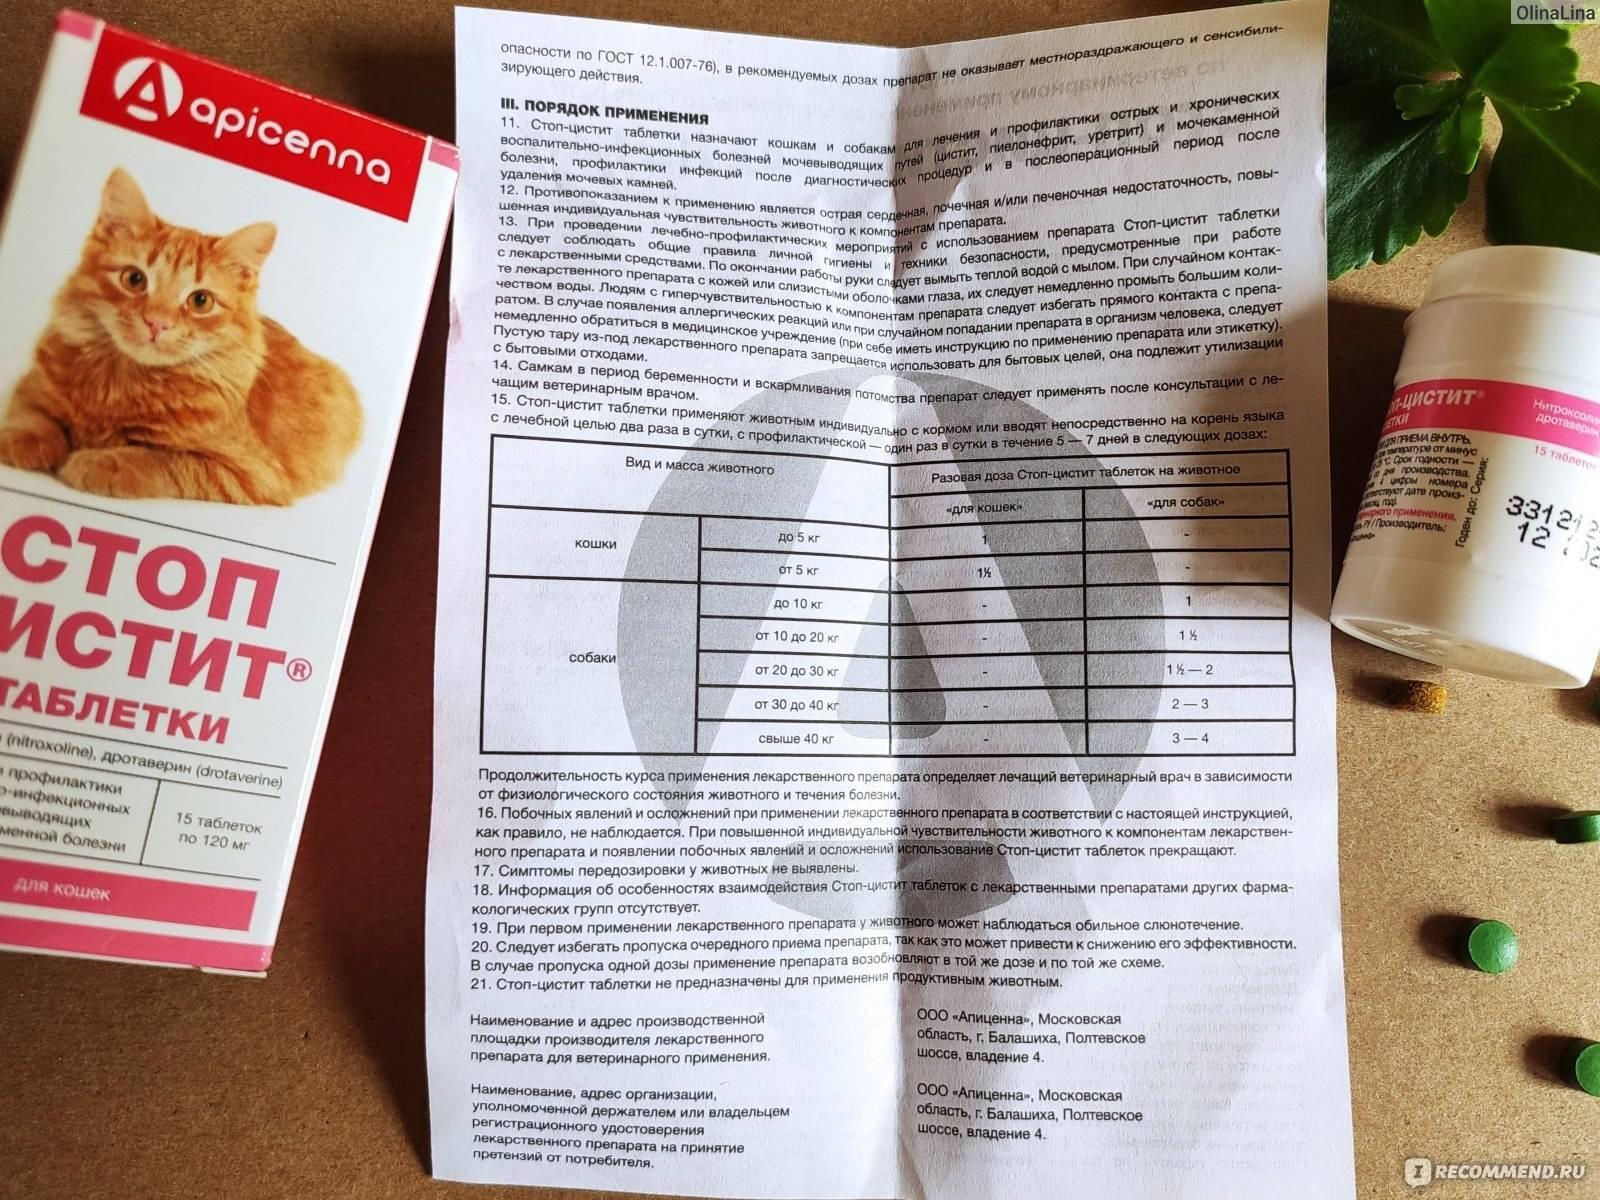 ᐉ способ применения стоп цистит для кошек - zmclinic.ru